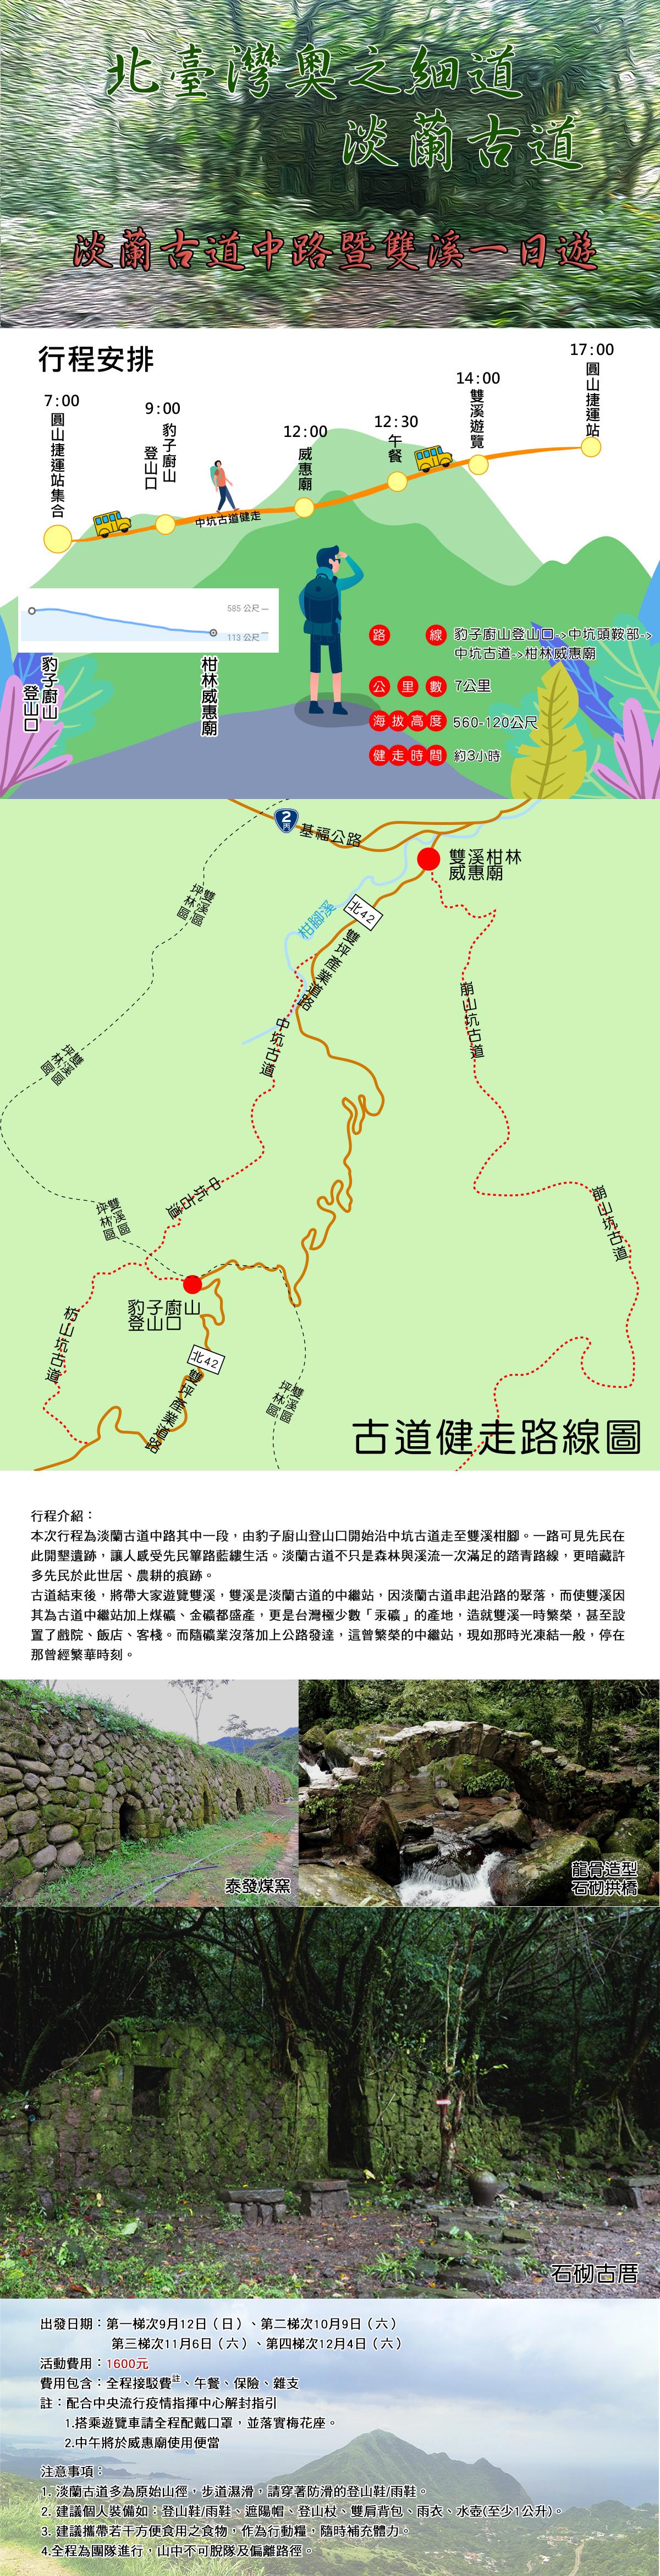 淡蘭中路2DM-1